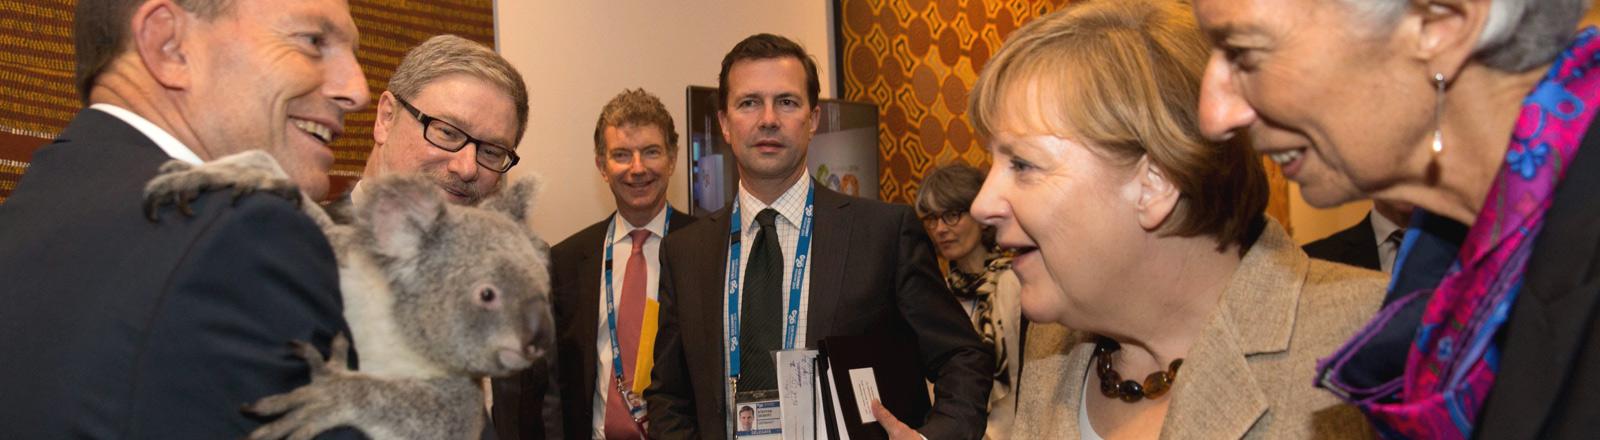 Tony Abbott hält beim G20-Gipfel am 16.11.2014 einen Koala auf dem Arm, der von Angela Merkel und Christine Lagarde bestaunt wird.